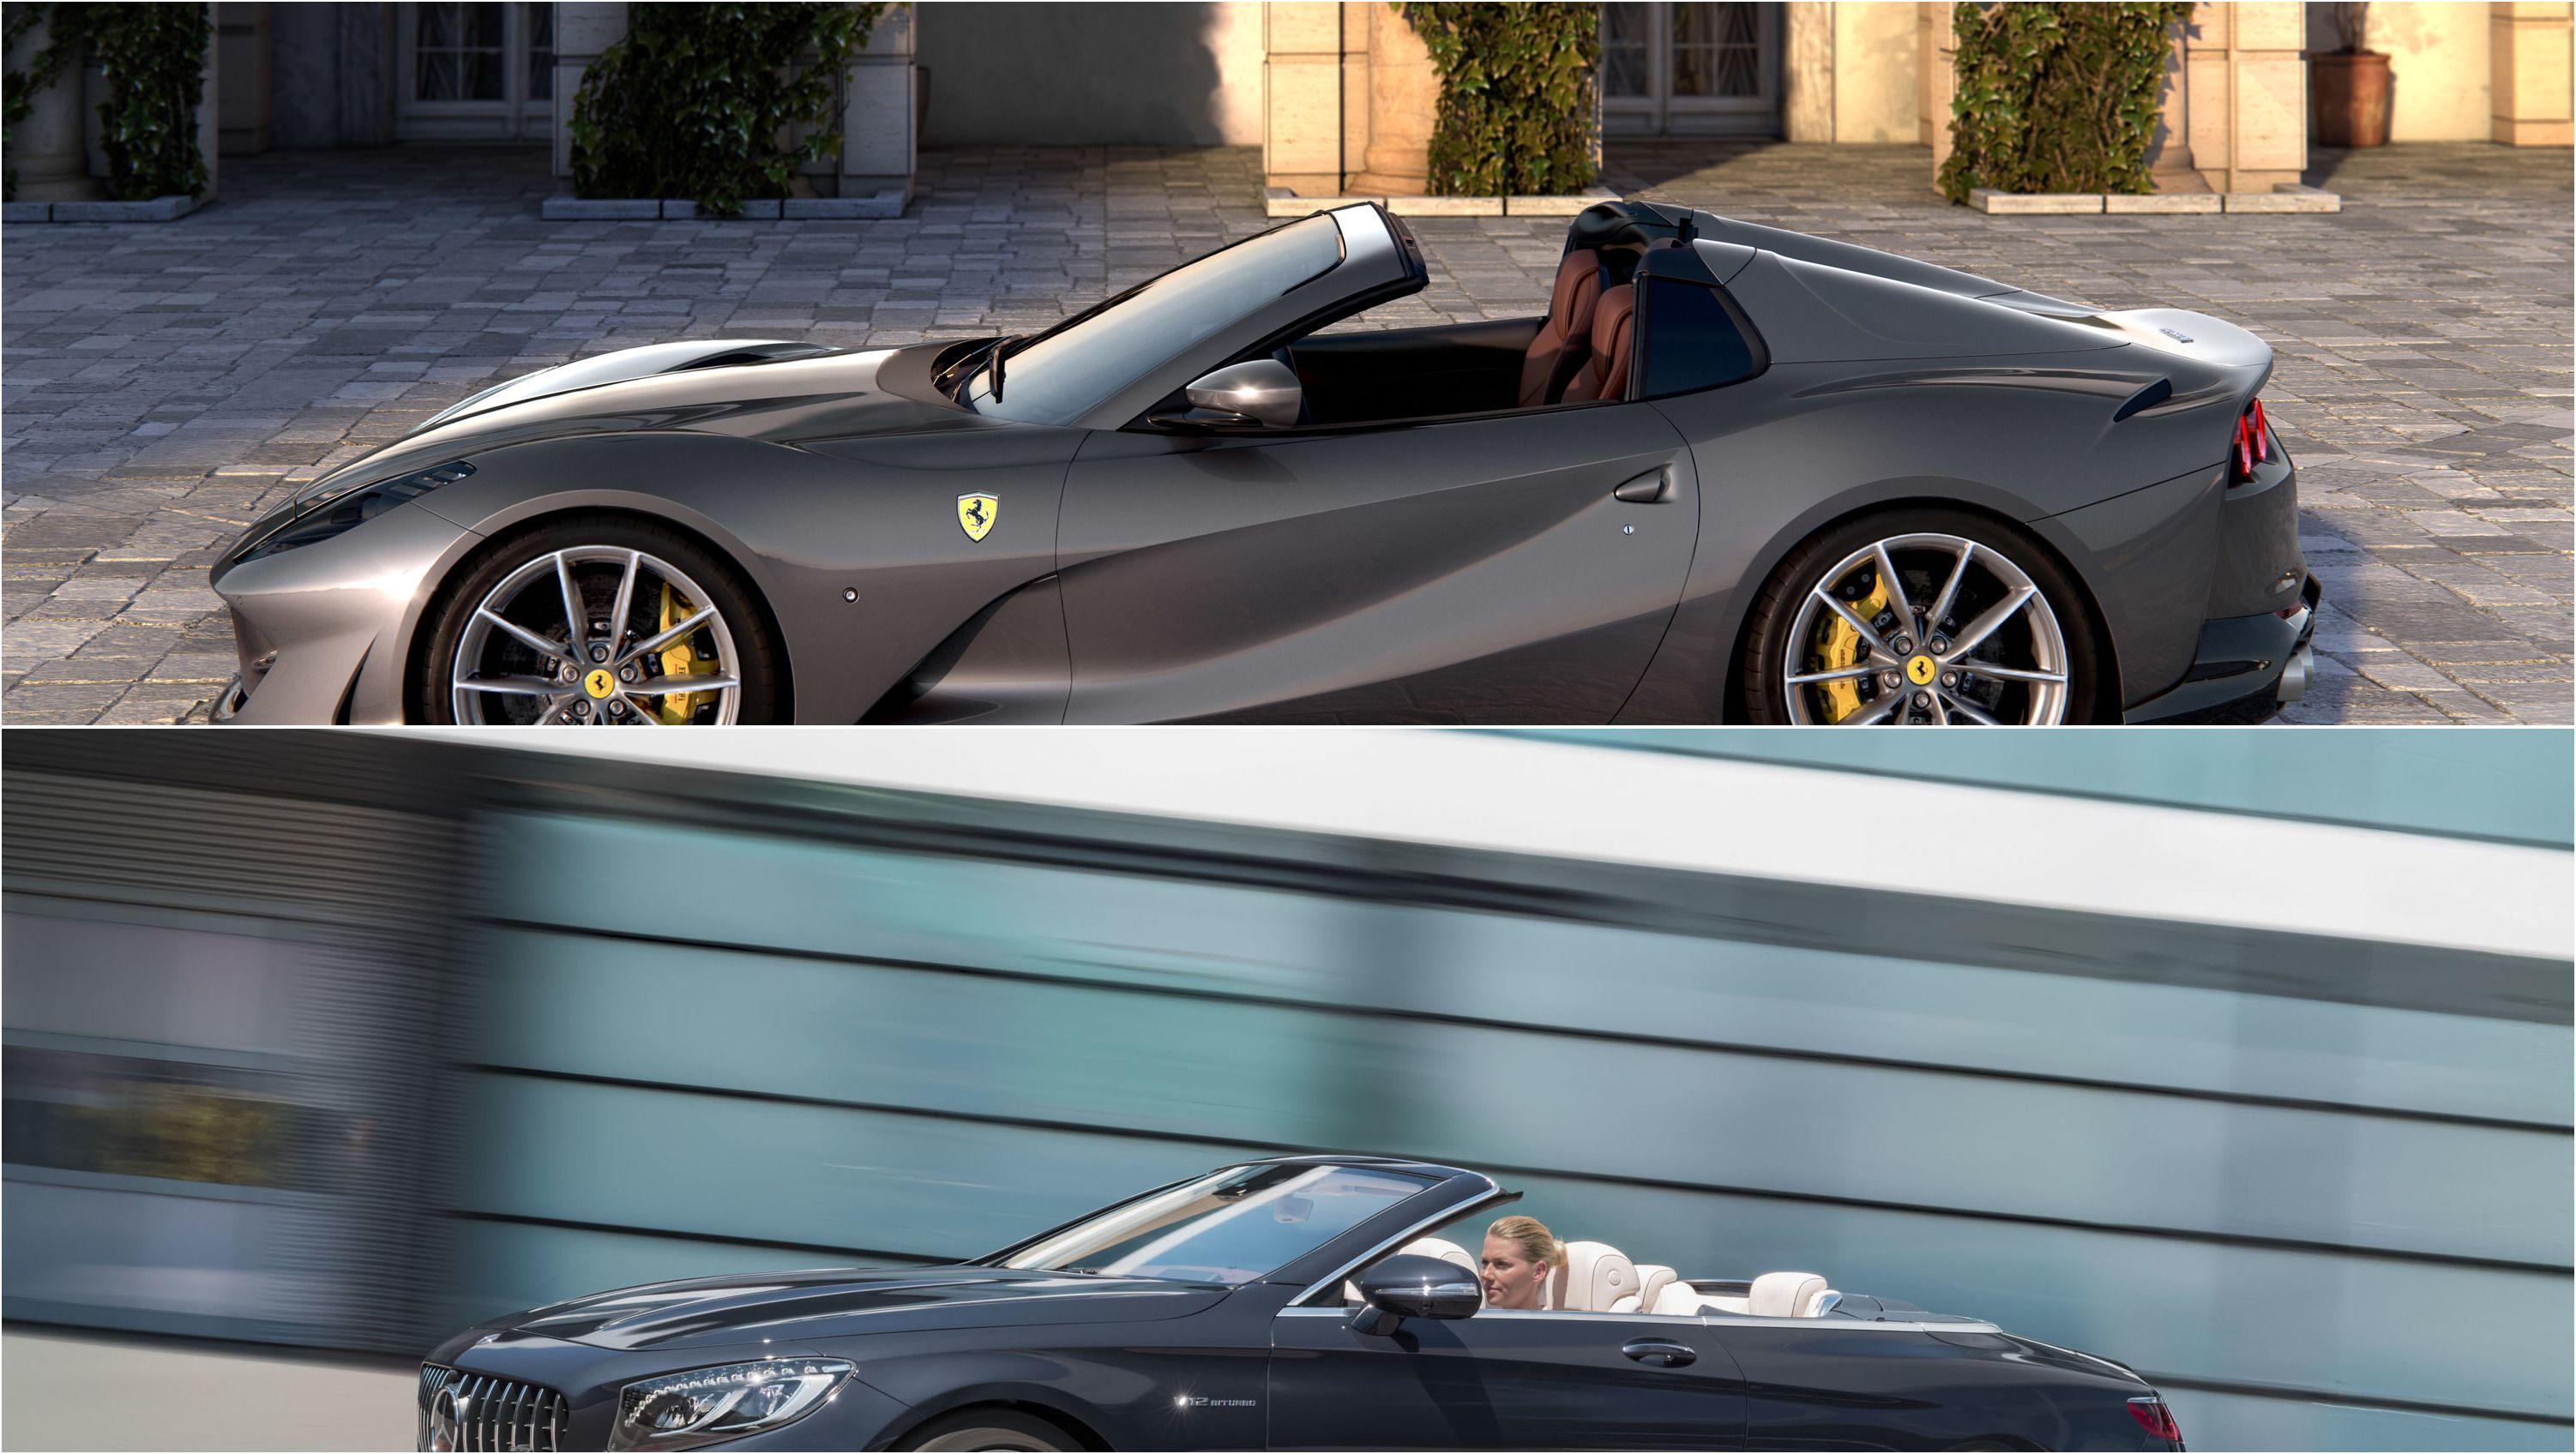 2020 Ferrari 812 Gts Vs 2020 Mercedes Amg S 65 Cabriolet